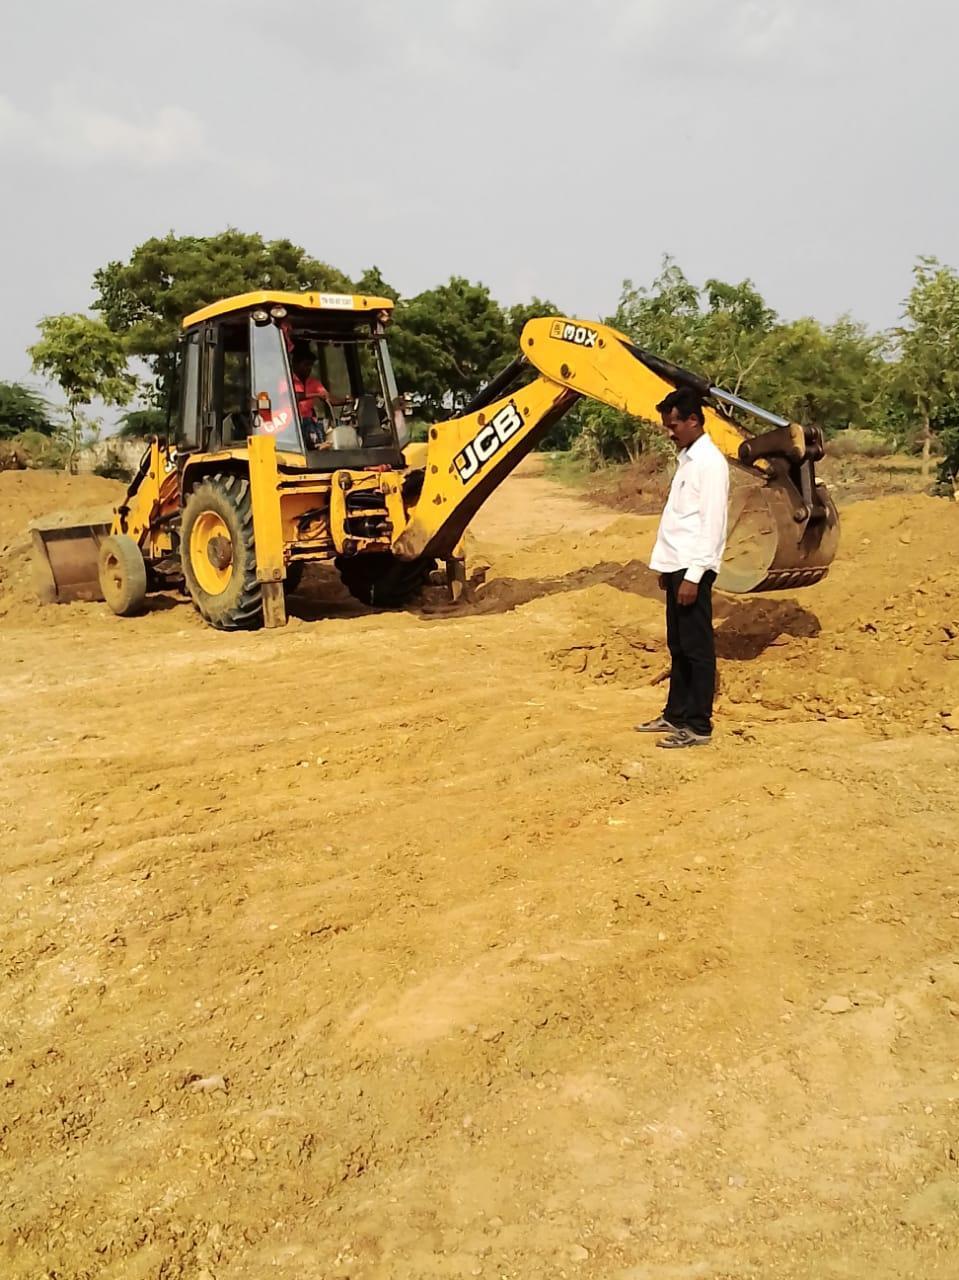 கரூர் மாவட்டத்தில் உள்ள ஏரி